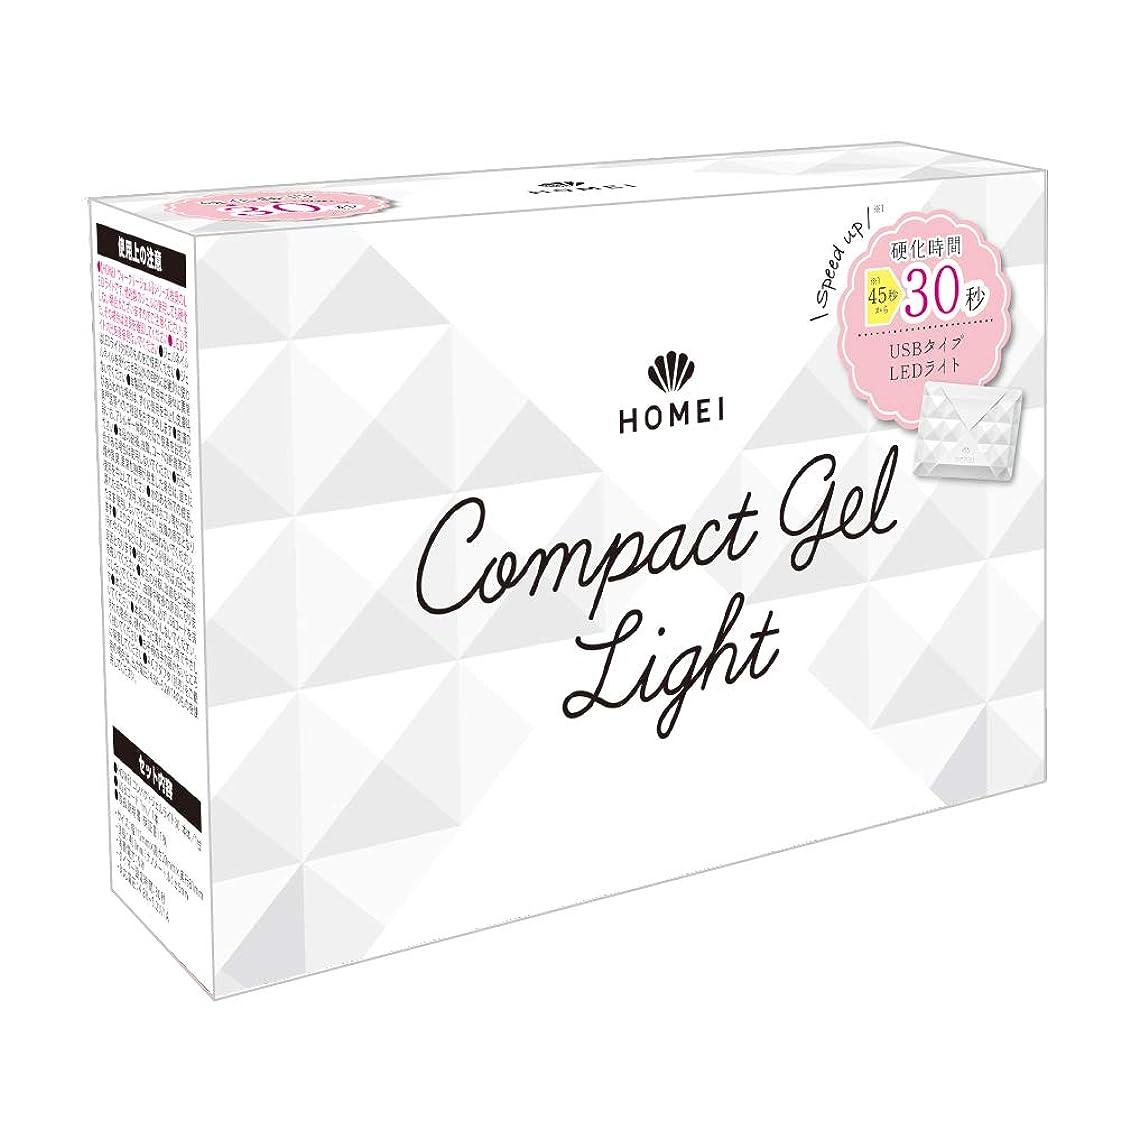 放置意識的スーパーマーケットHOMEI コンパクトジェルライト 30